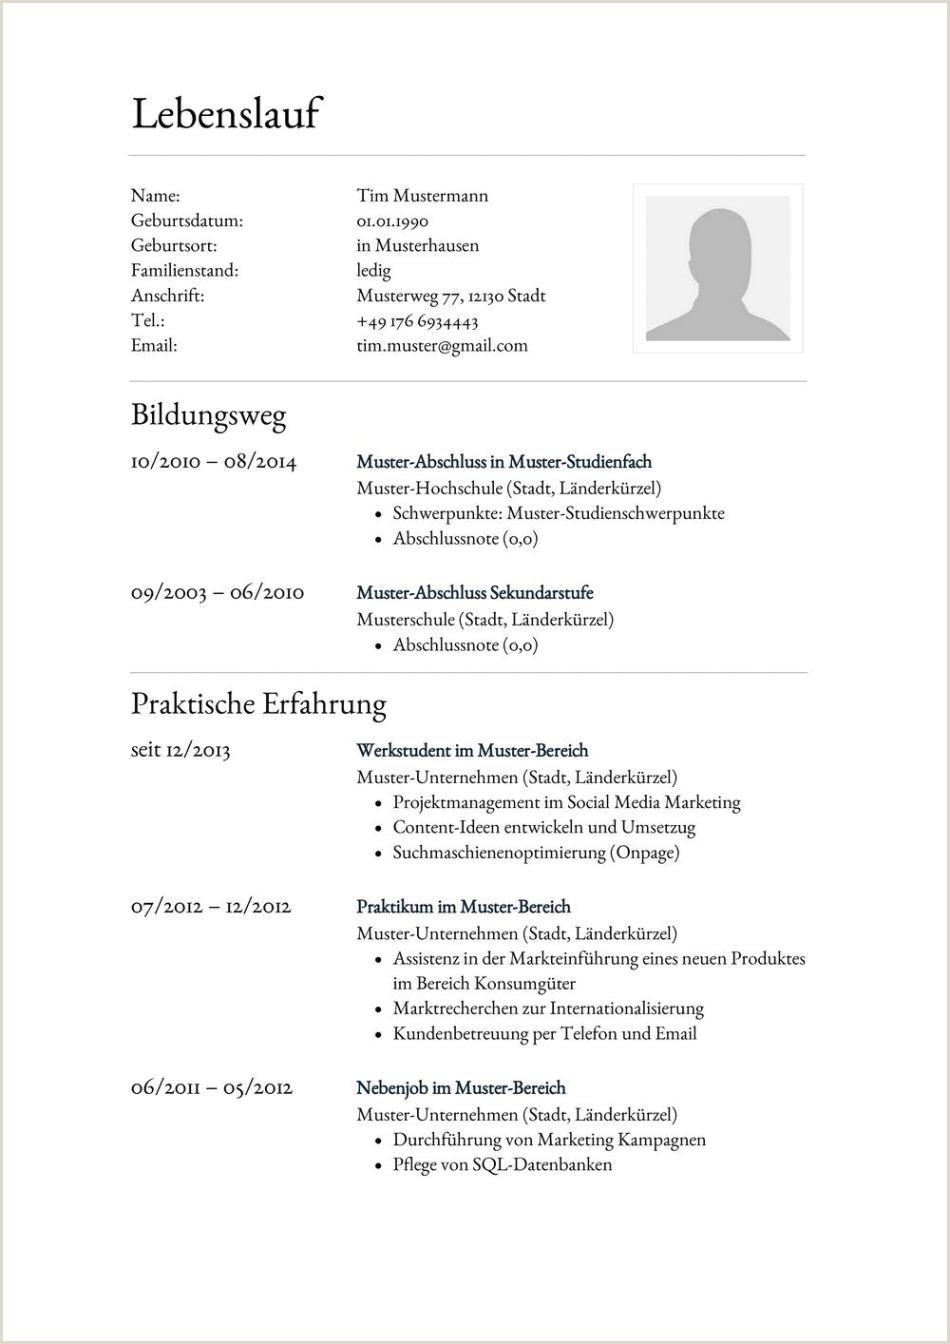 Lebenslauf Muster Buchhaltung Lebenslauf Buchhalter Frisch Muster Lebenslauf Jurist